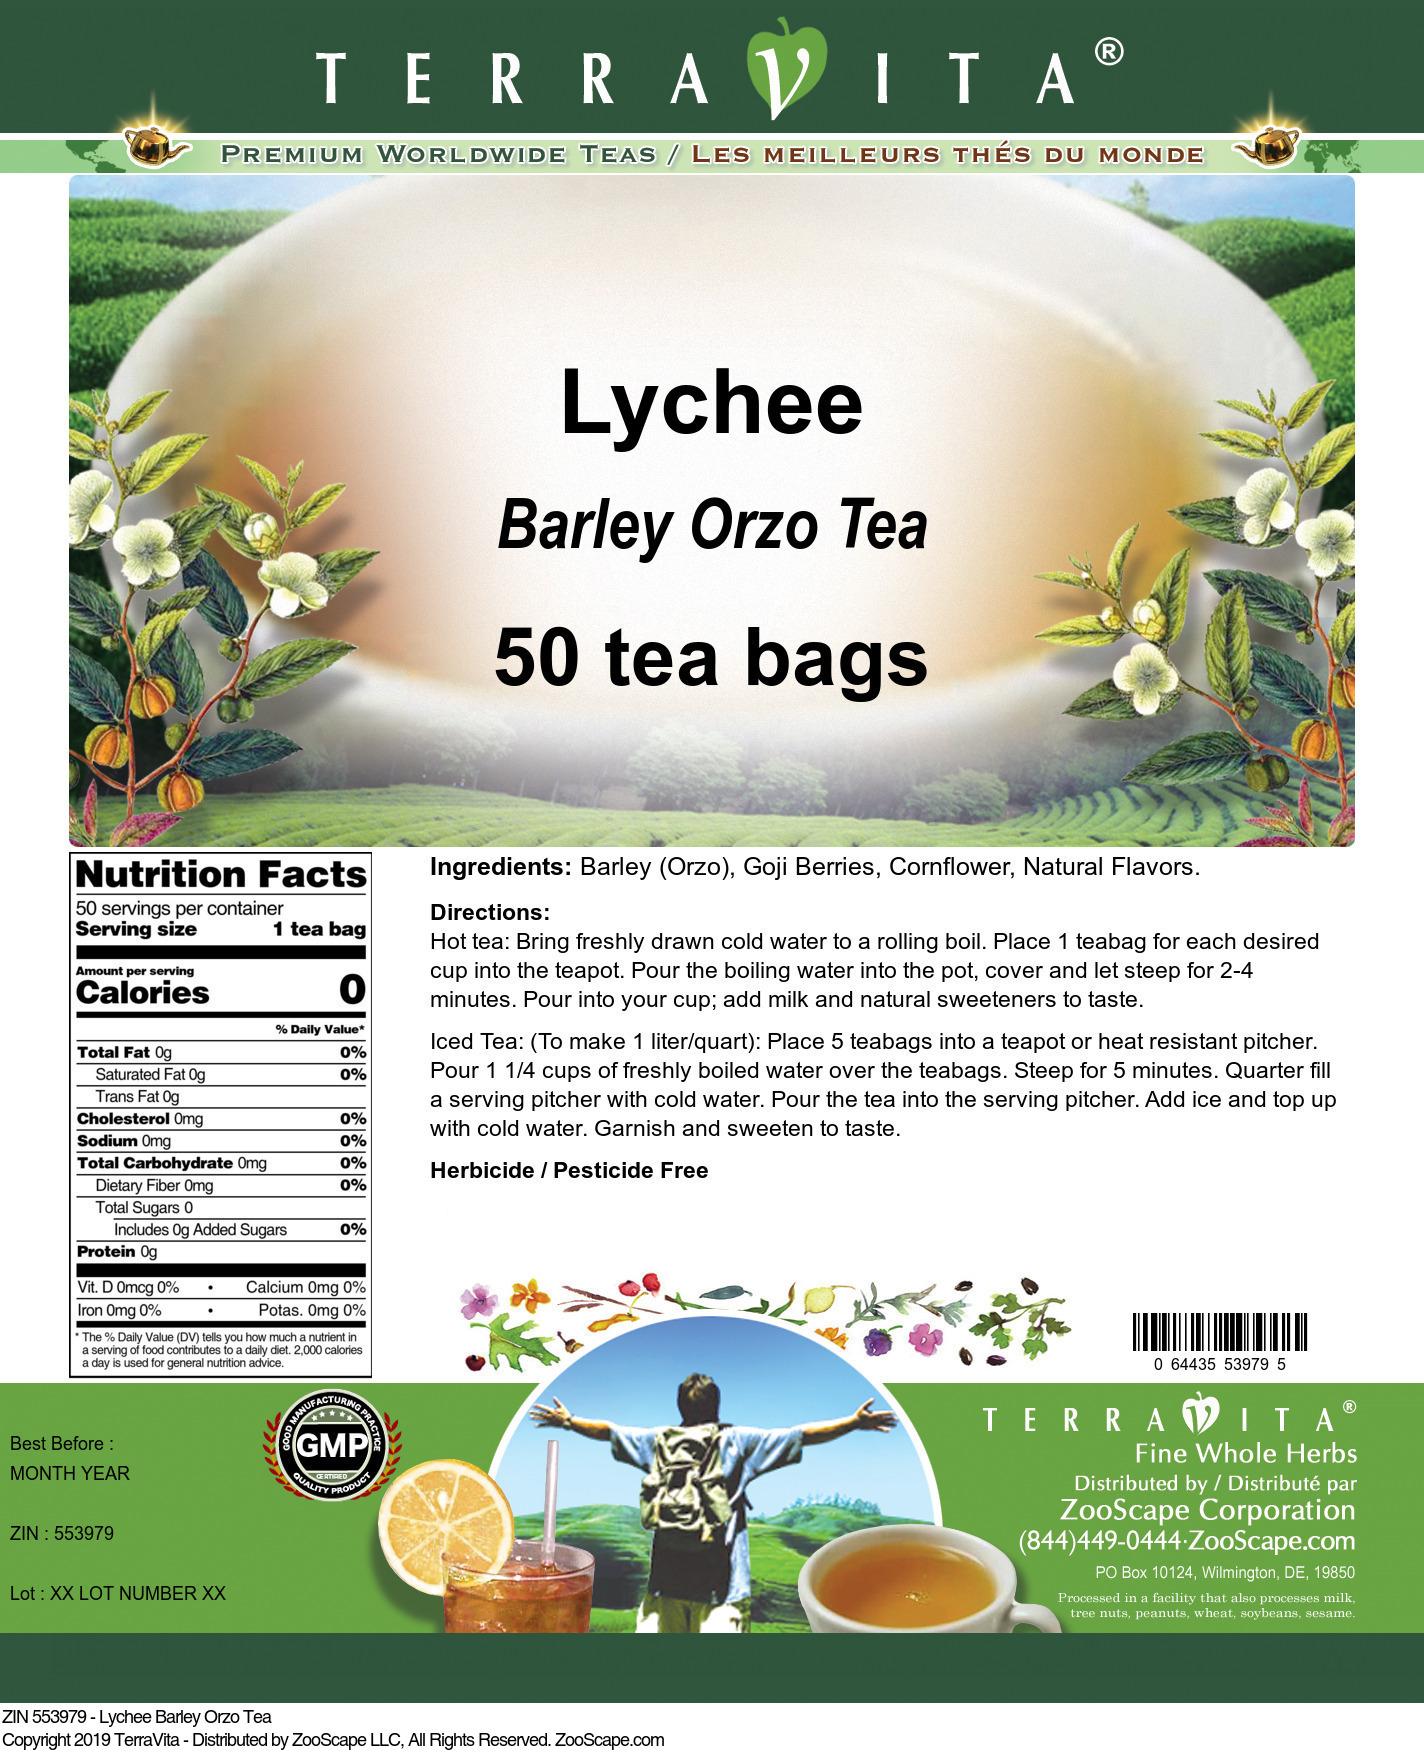 Lychee Barley Orzo Tea